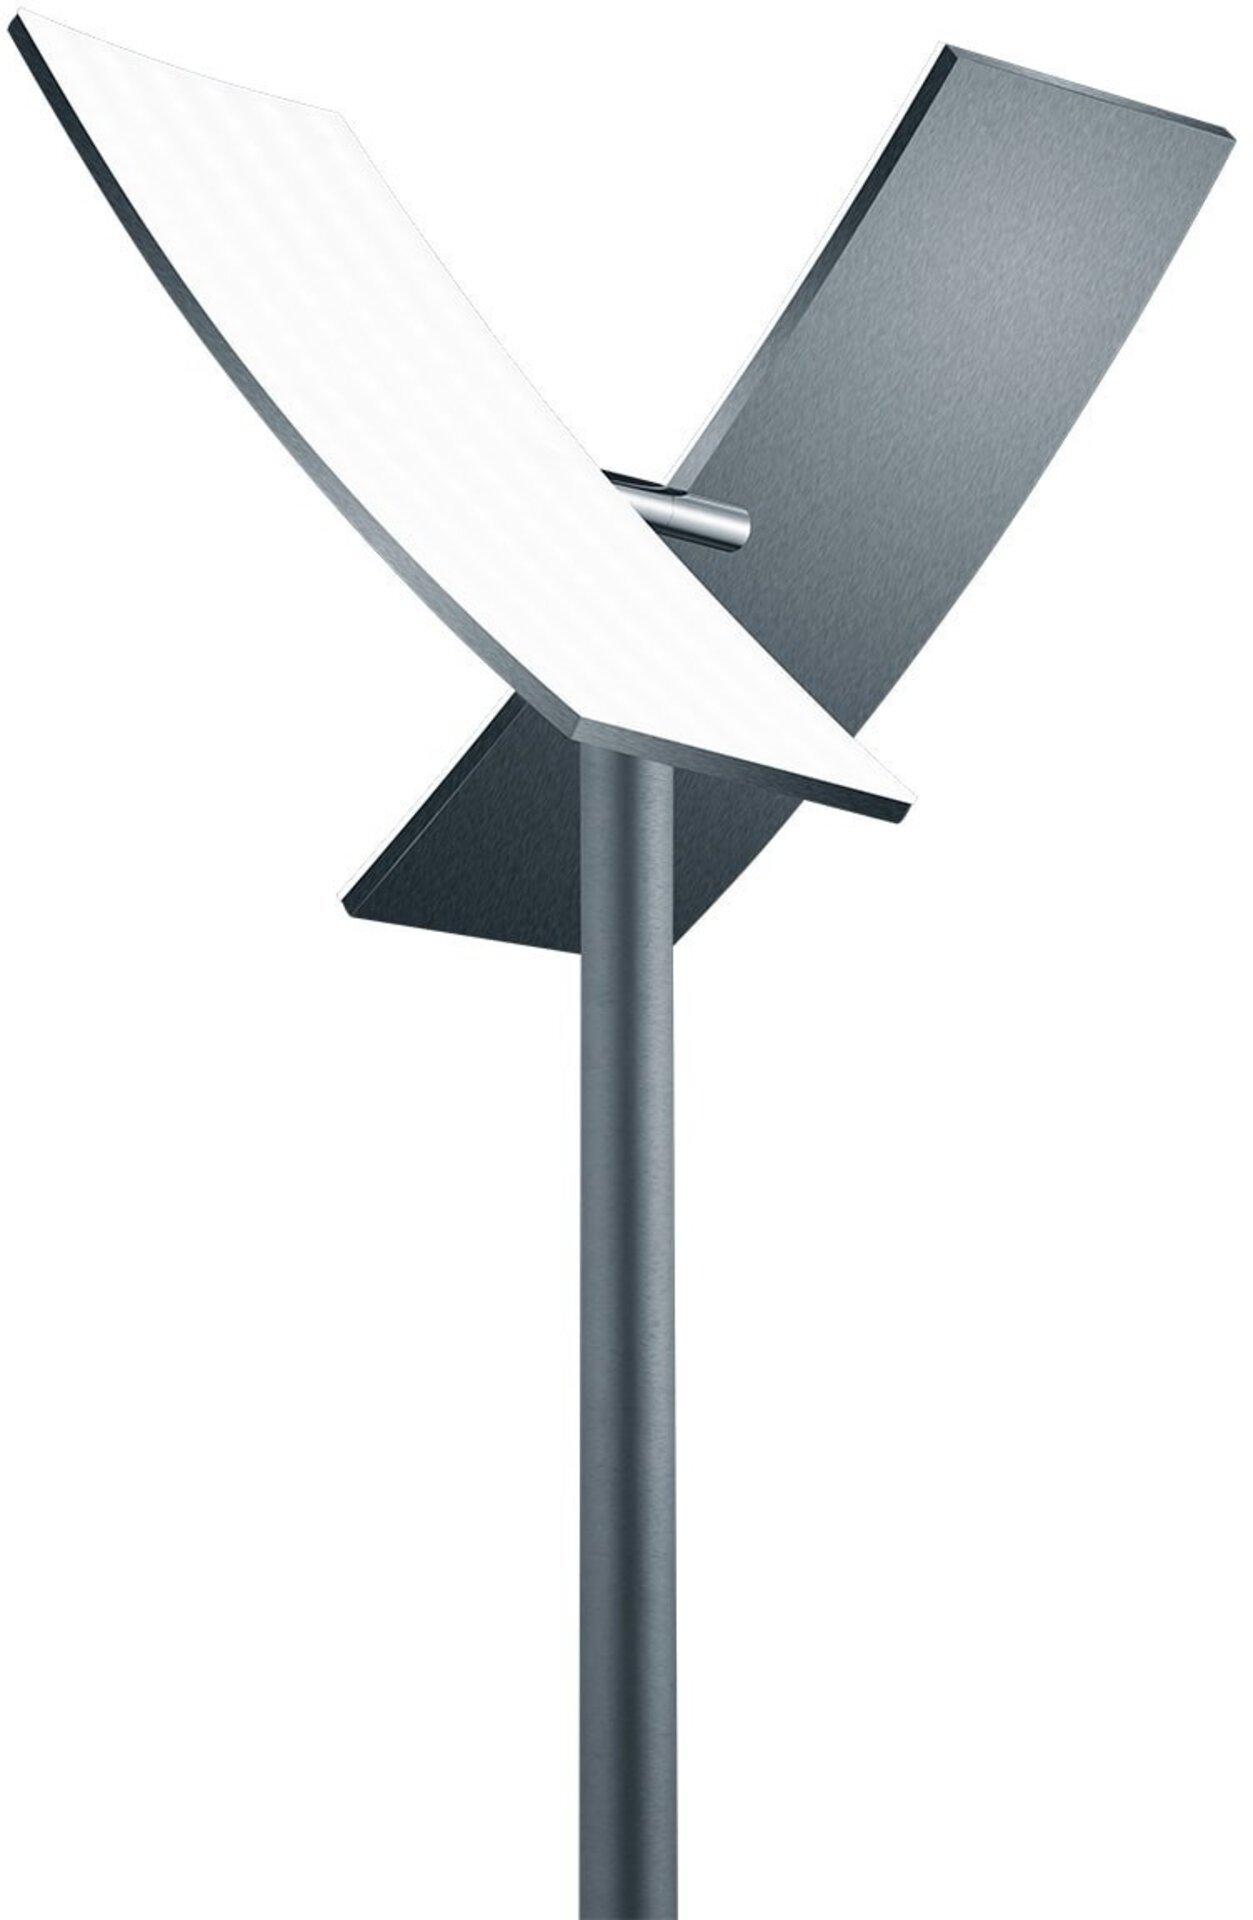 Stehleuchte DUO B-Leuchten Metall grau 38 x 182 x 38 cm